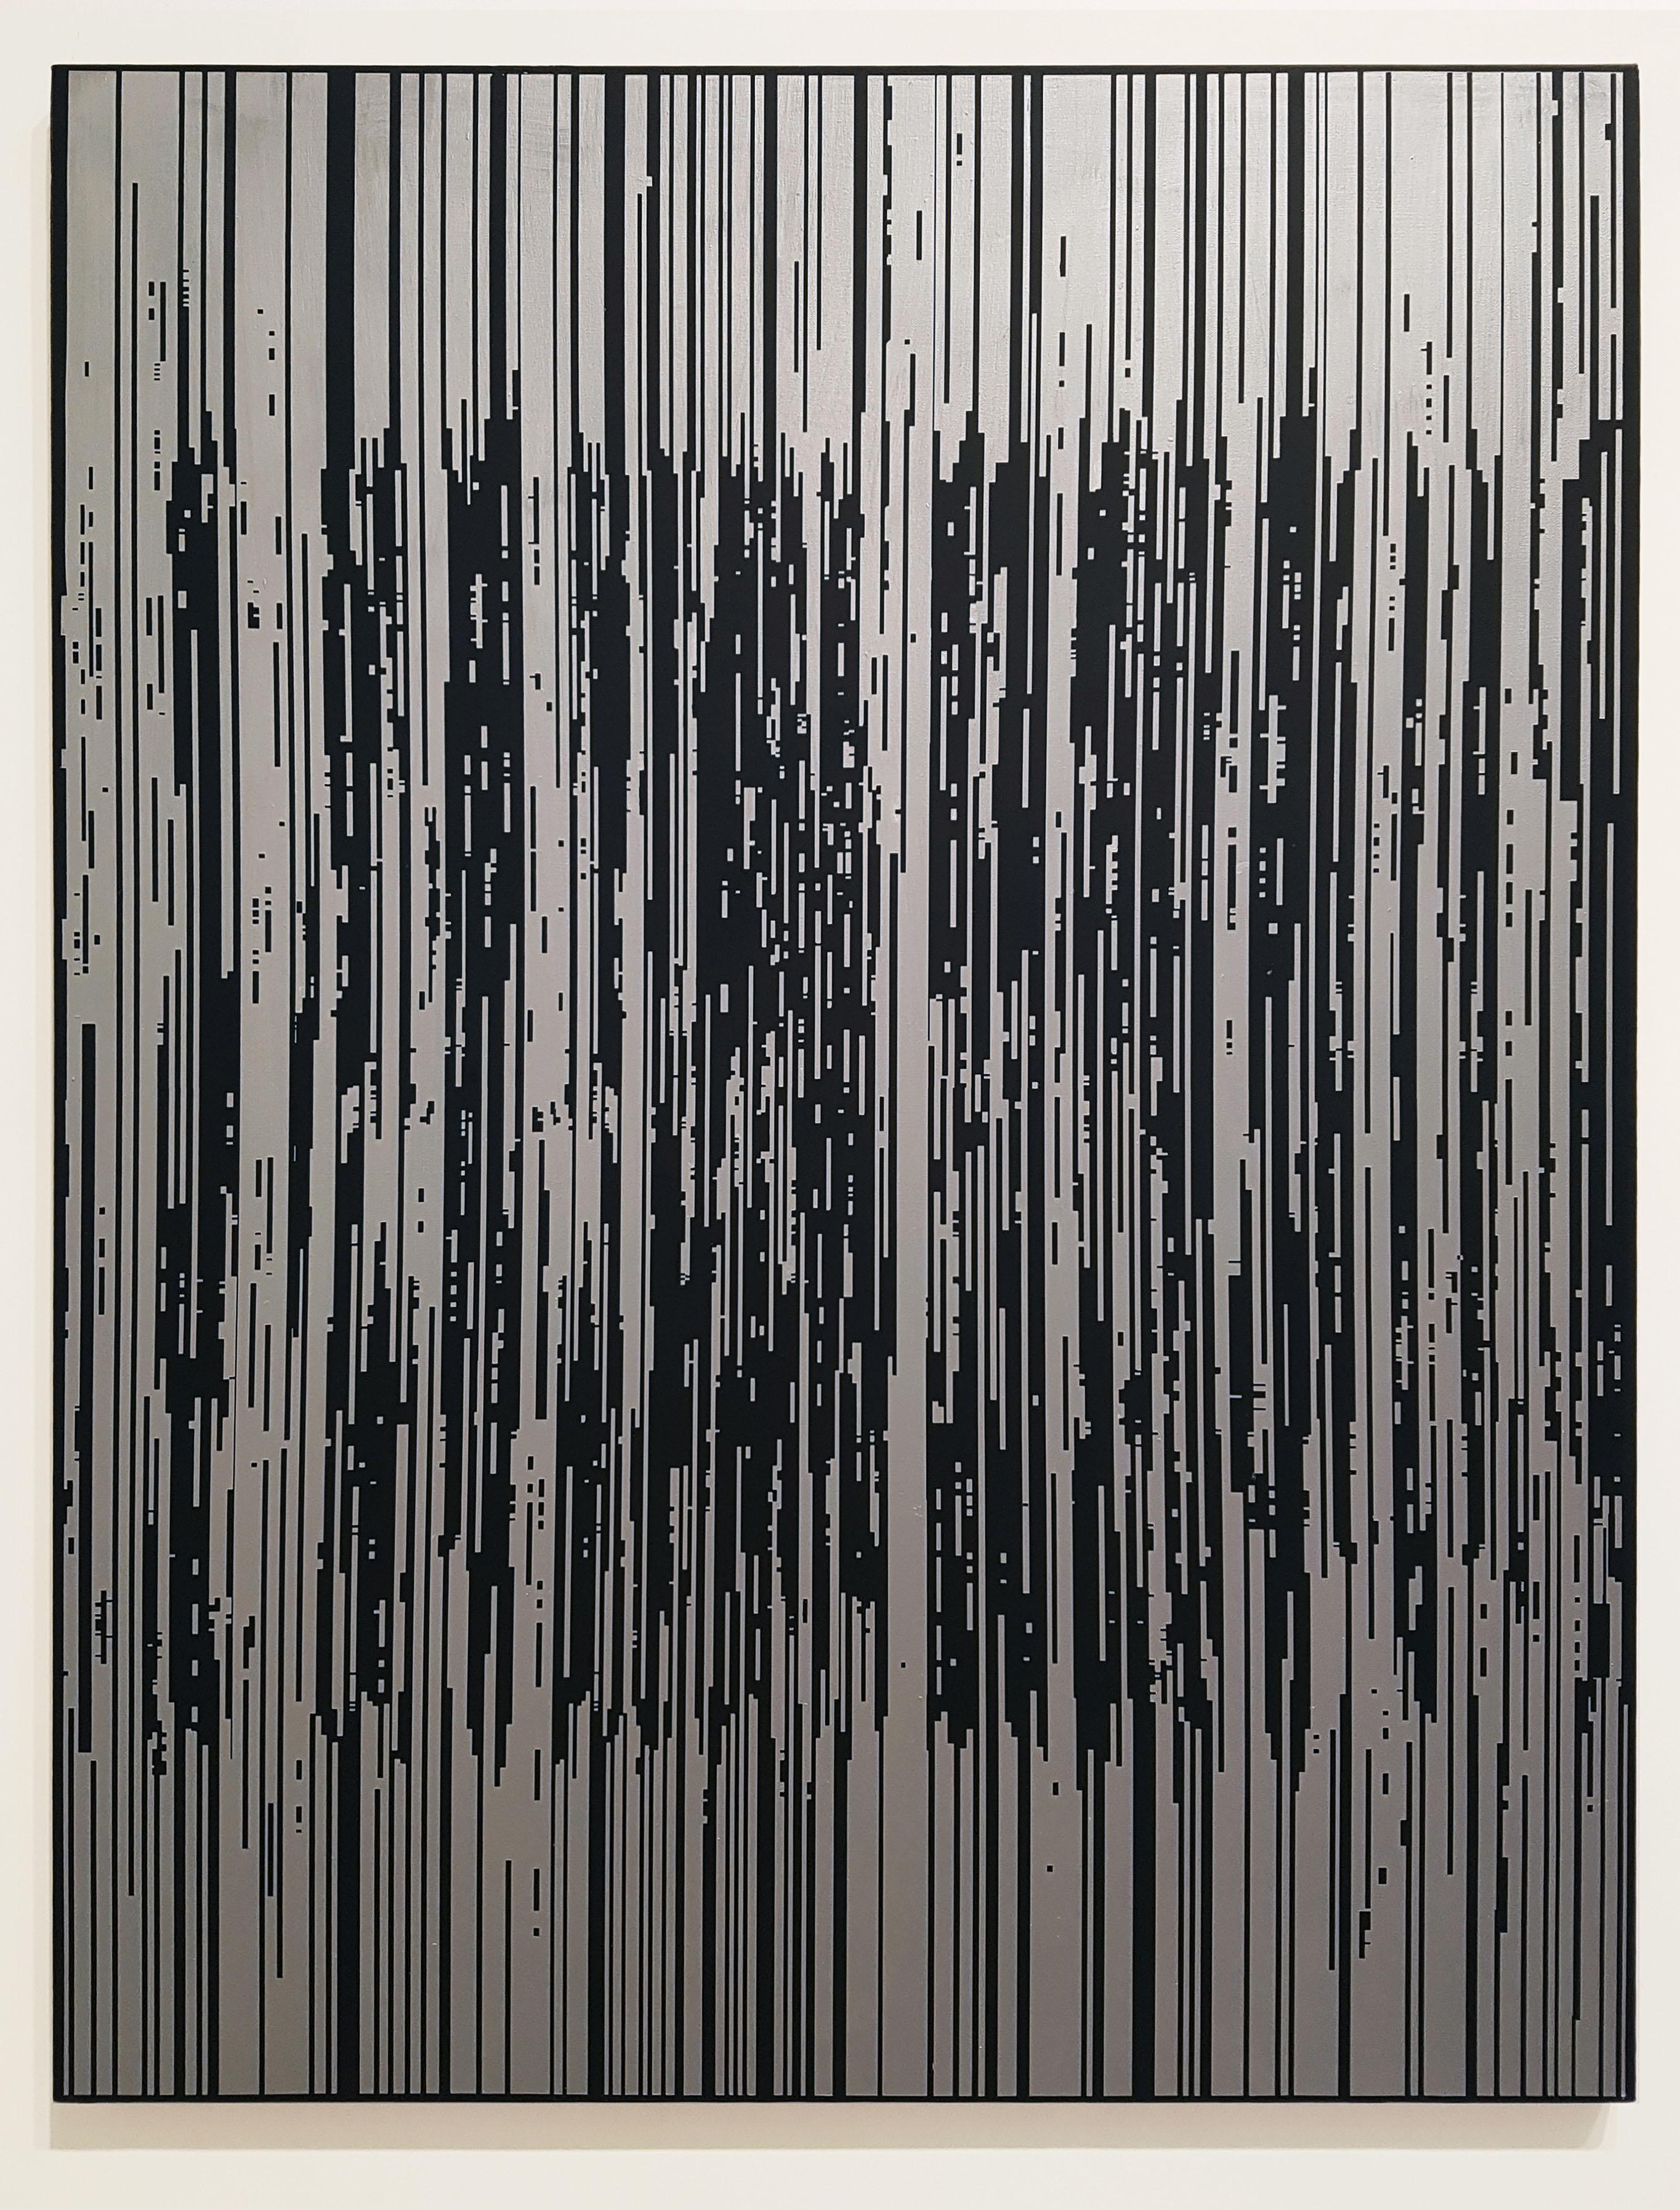 J. PARK_2016 Maze-201651213_Acrylic on canvas_116.8x91cm